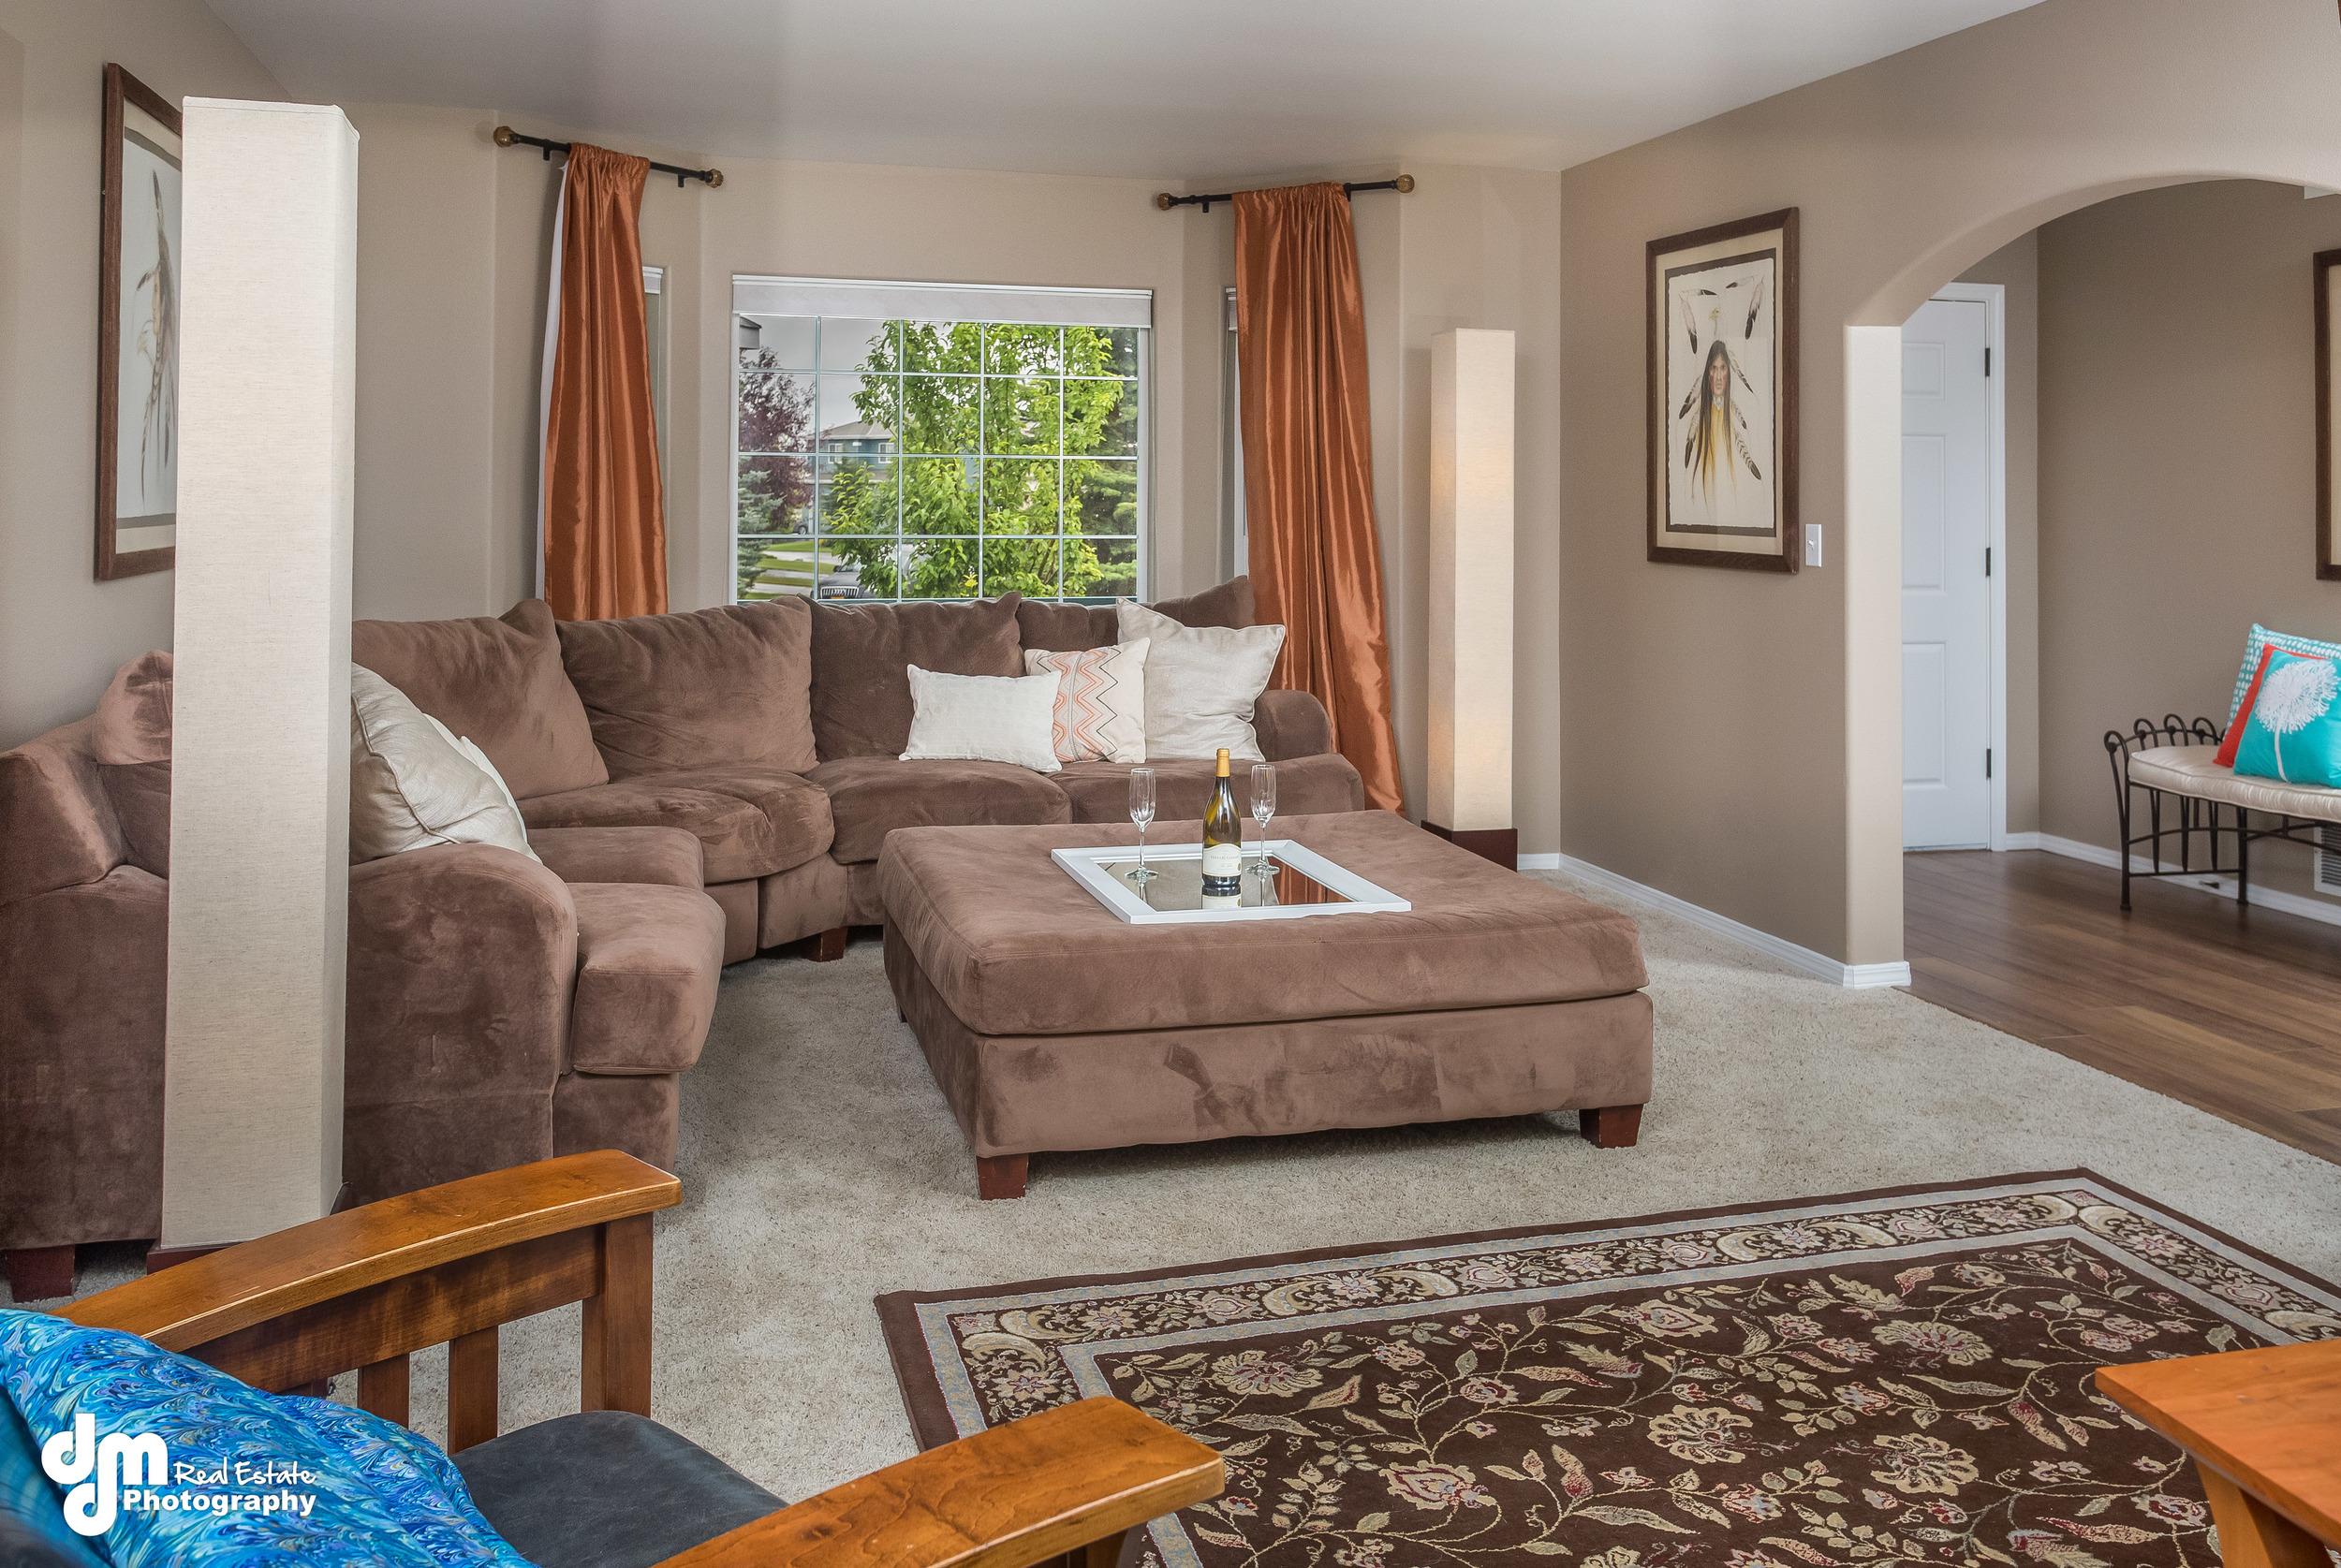 Front Living Room_DMD_6756.jpg